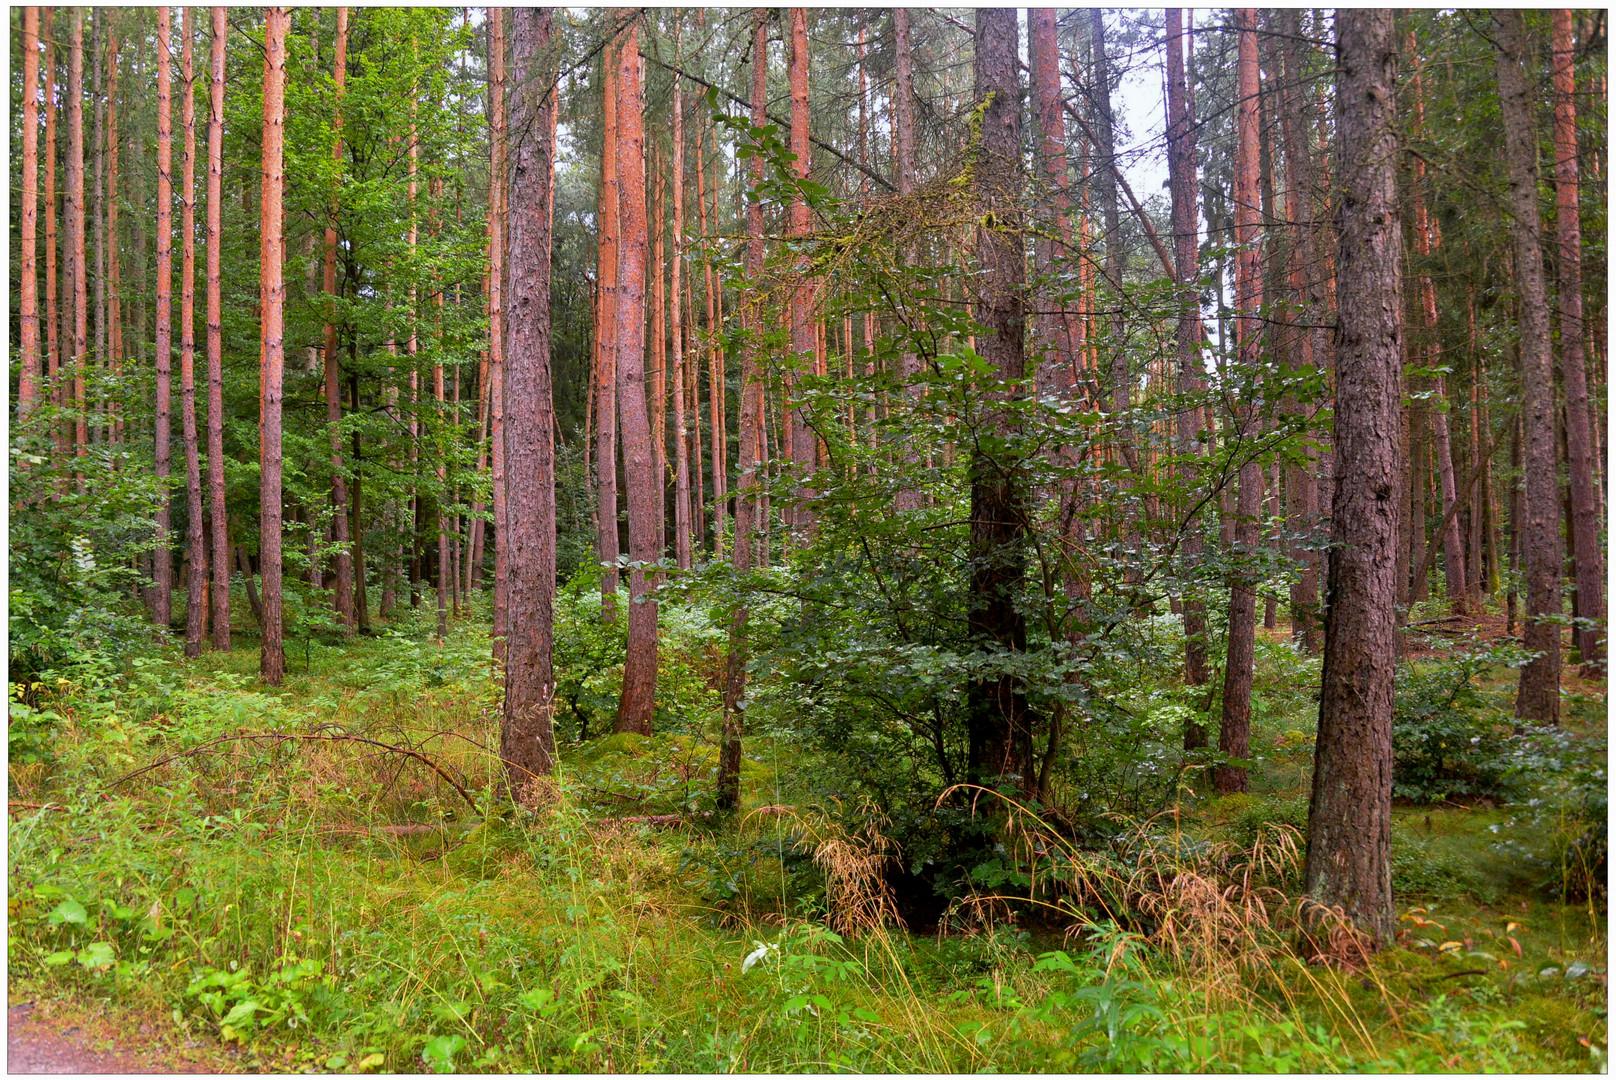 en el bosque (im Wald)